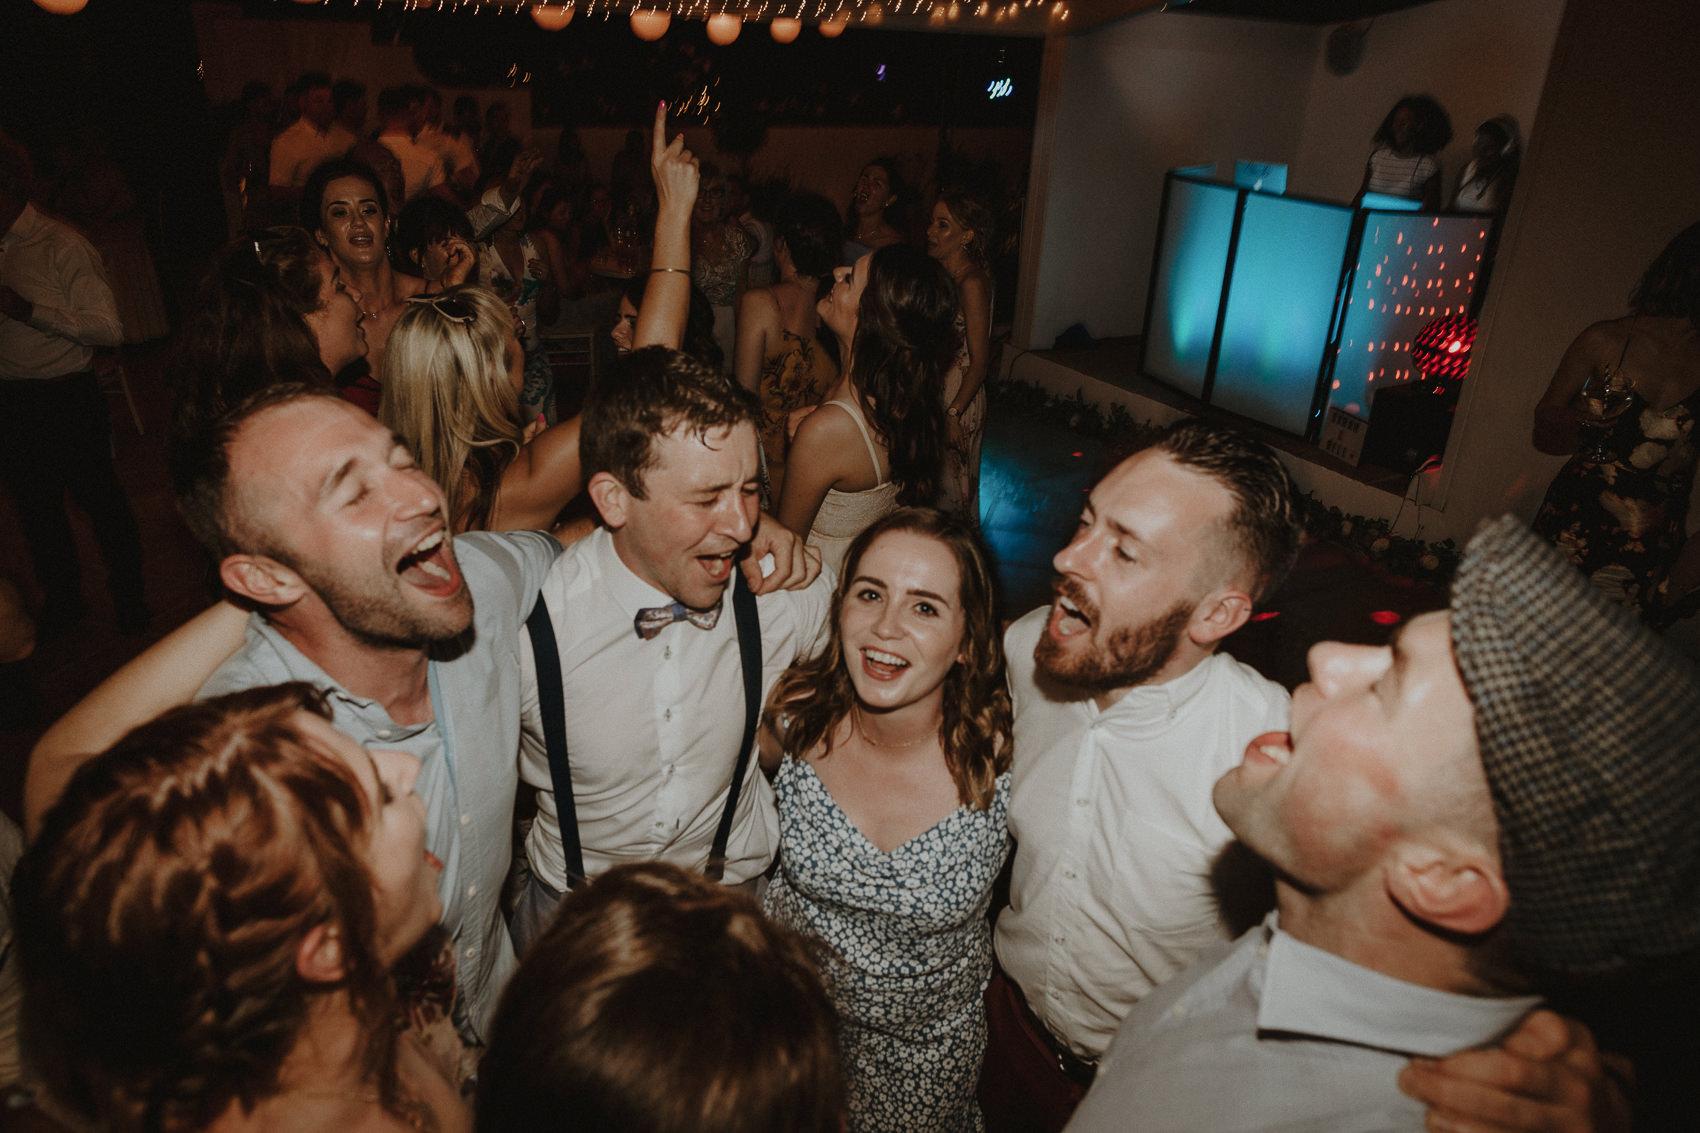 Sarah & Bill | Summer wedding at Cortijo Rosa Blanca | Marbella - Spain 182